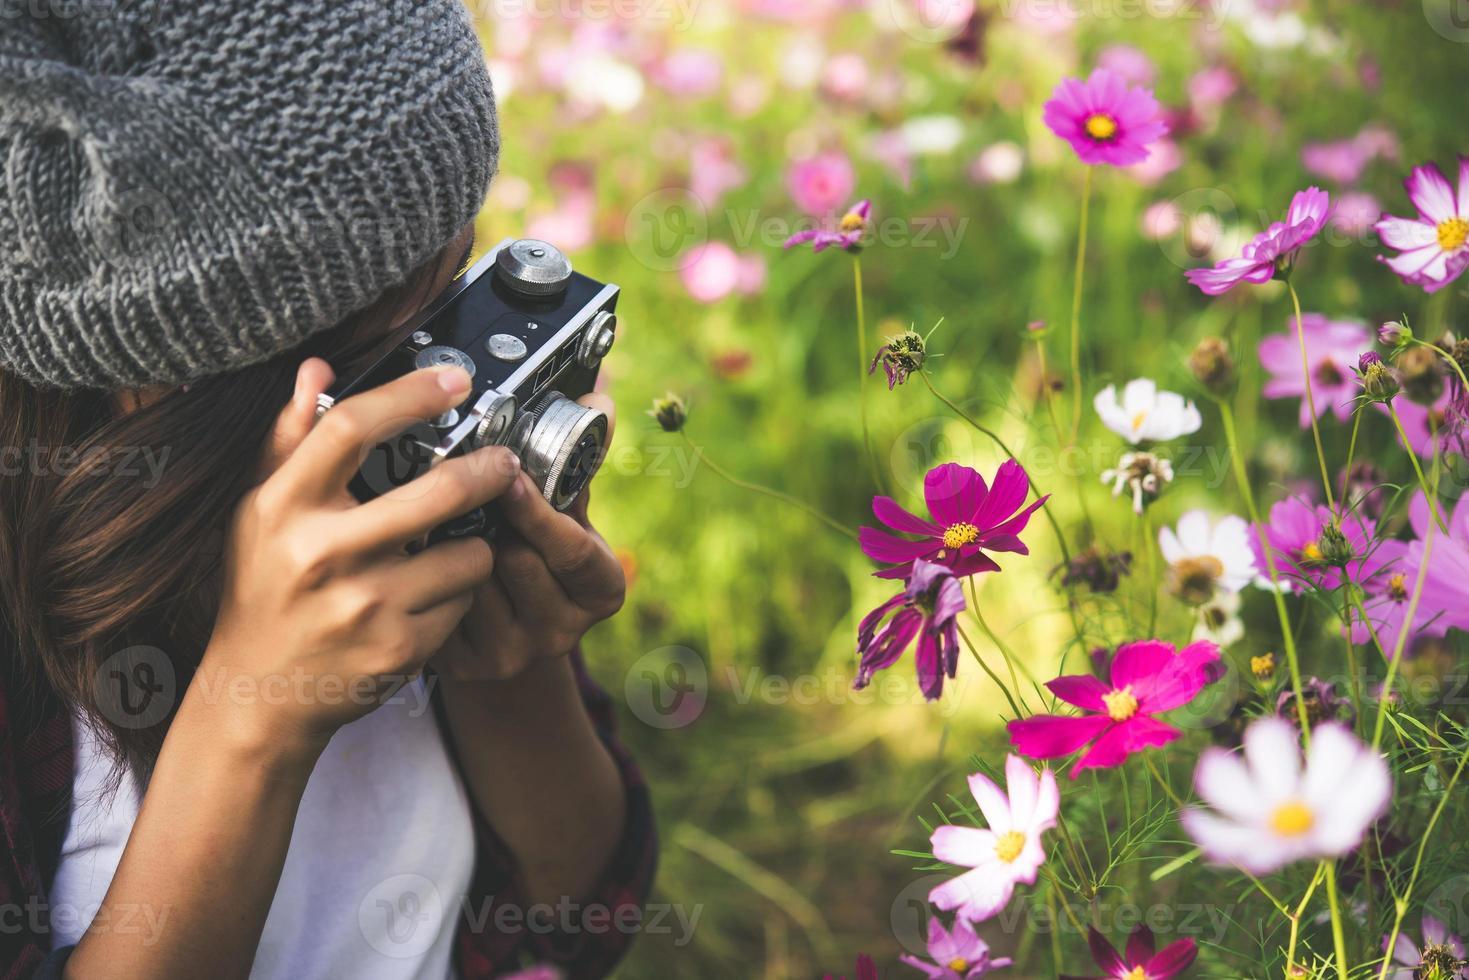 fille hipster avec mise au point de la caméra vintage tirant des fleurs dans un jardin photo